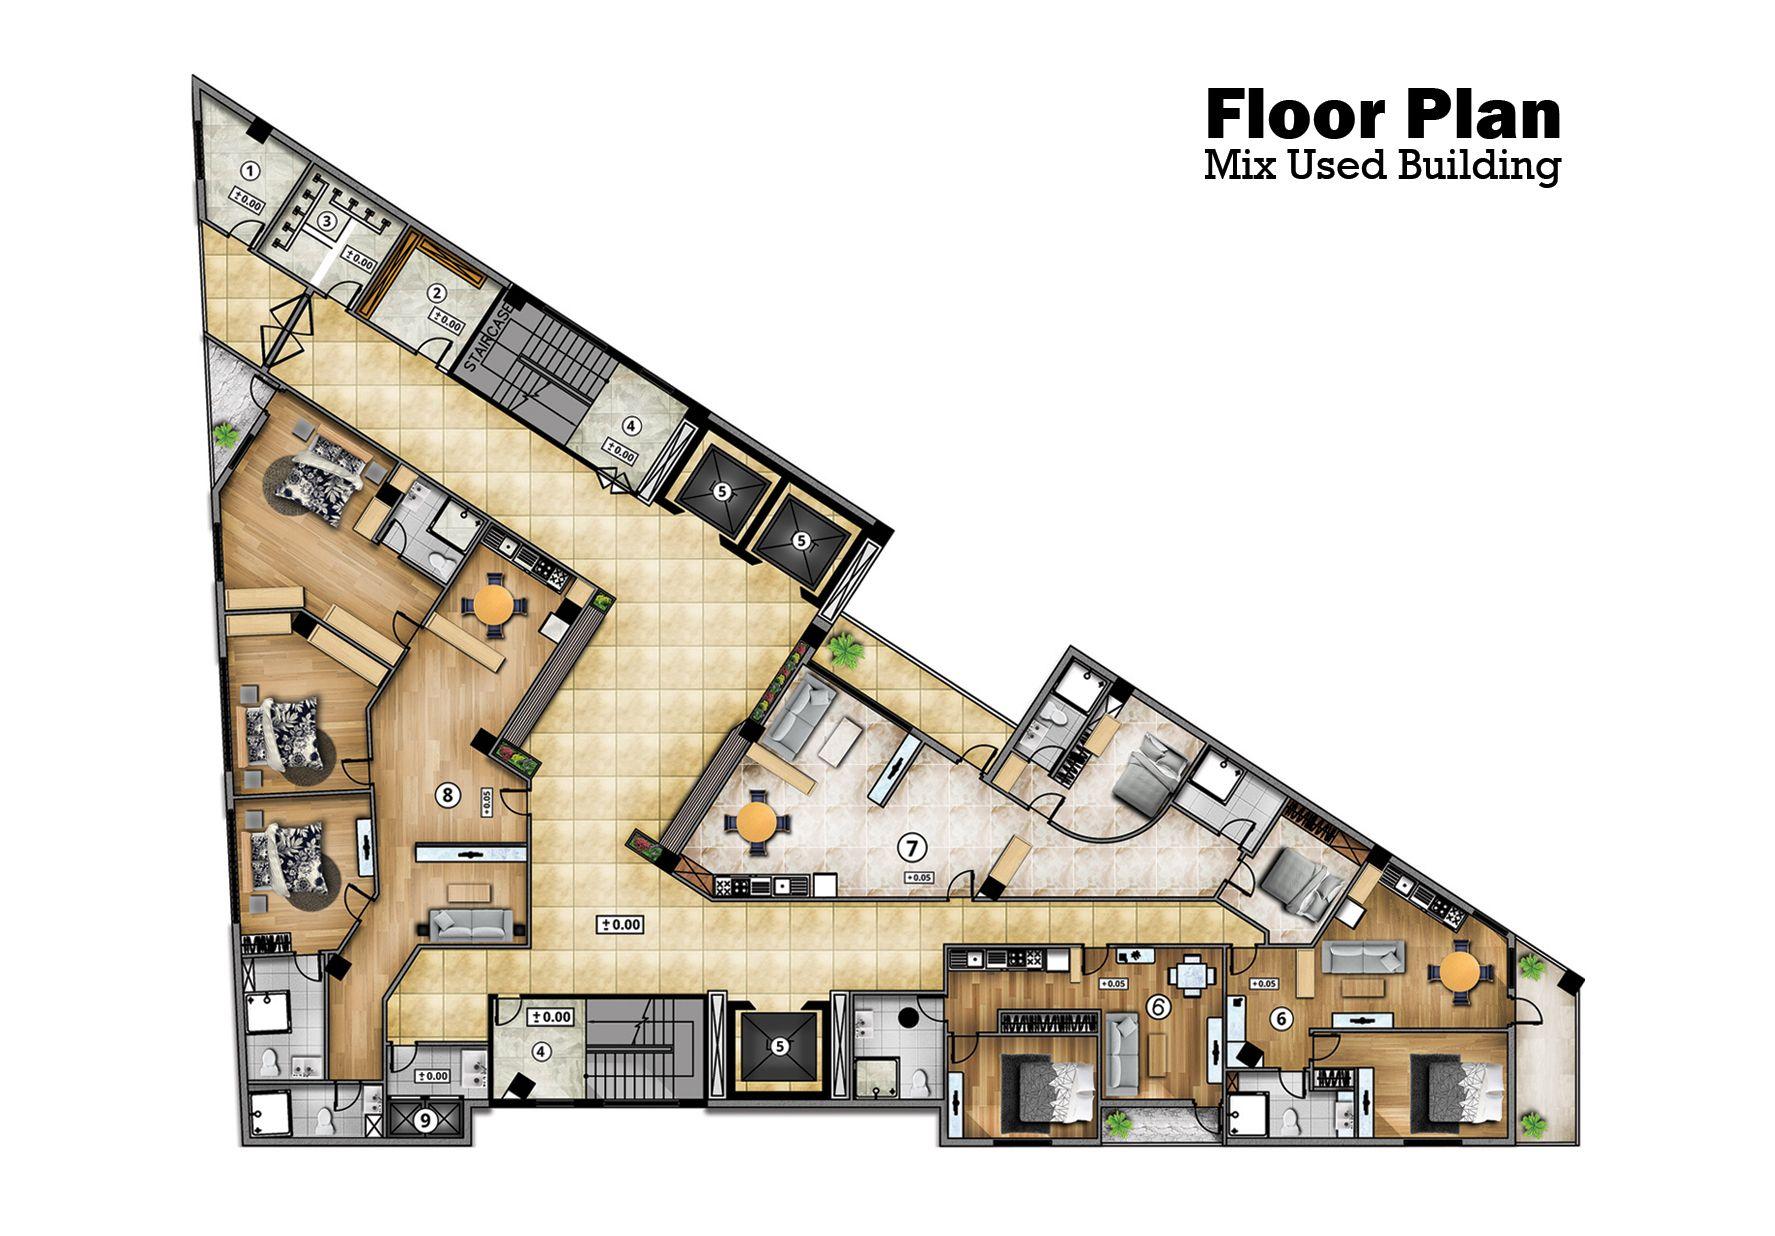 Park Art|My WordPress Blog_Rendered Floor Plans In Autocad